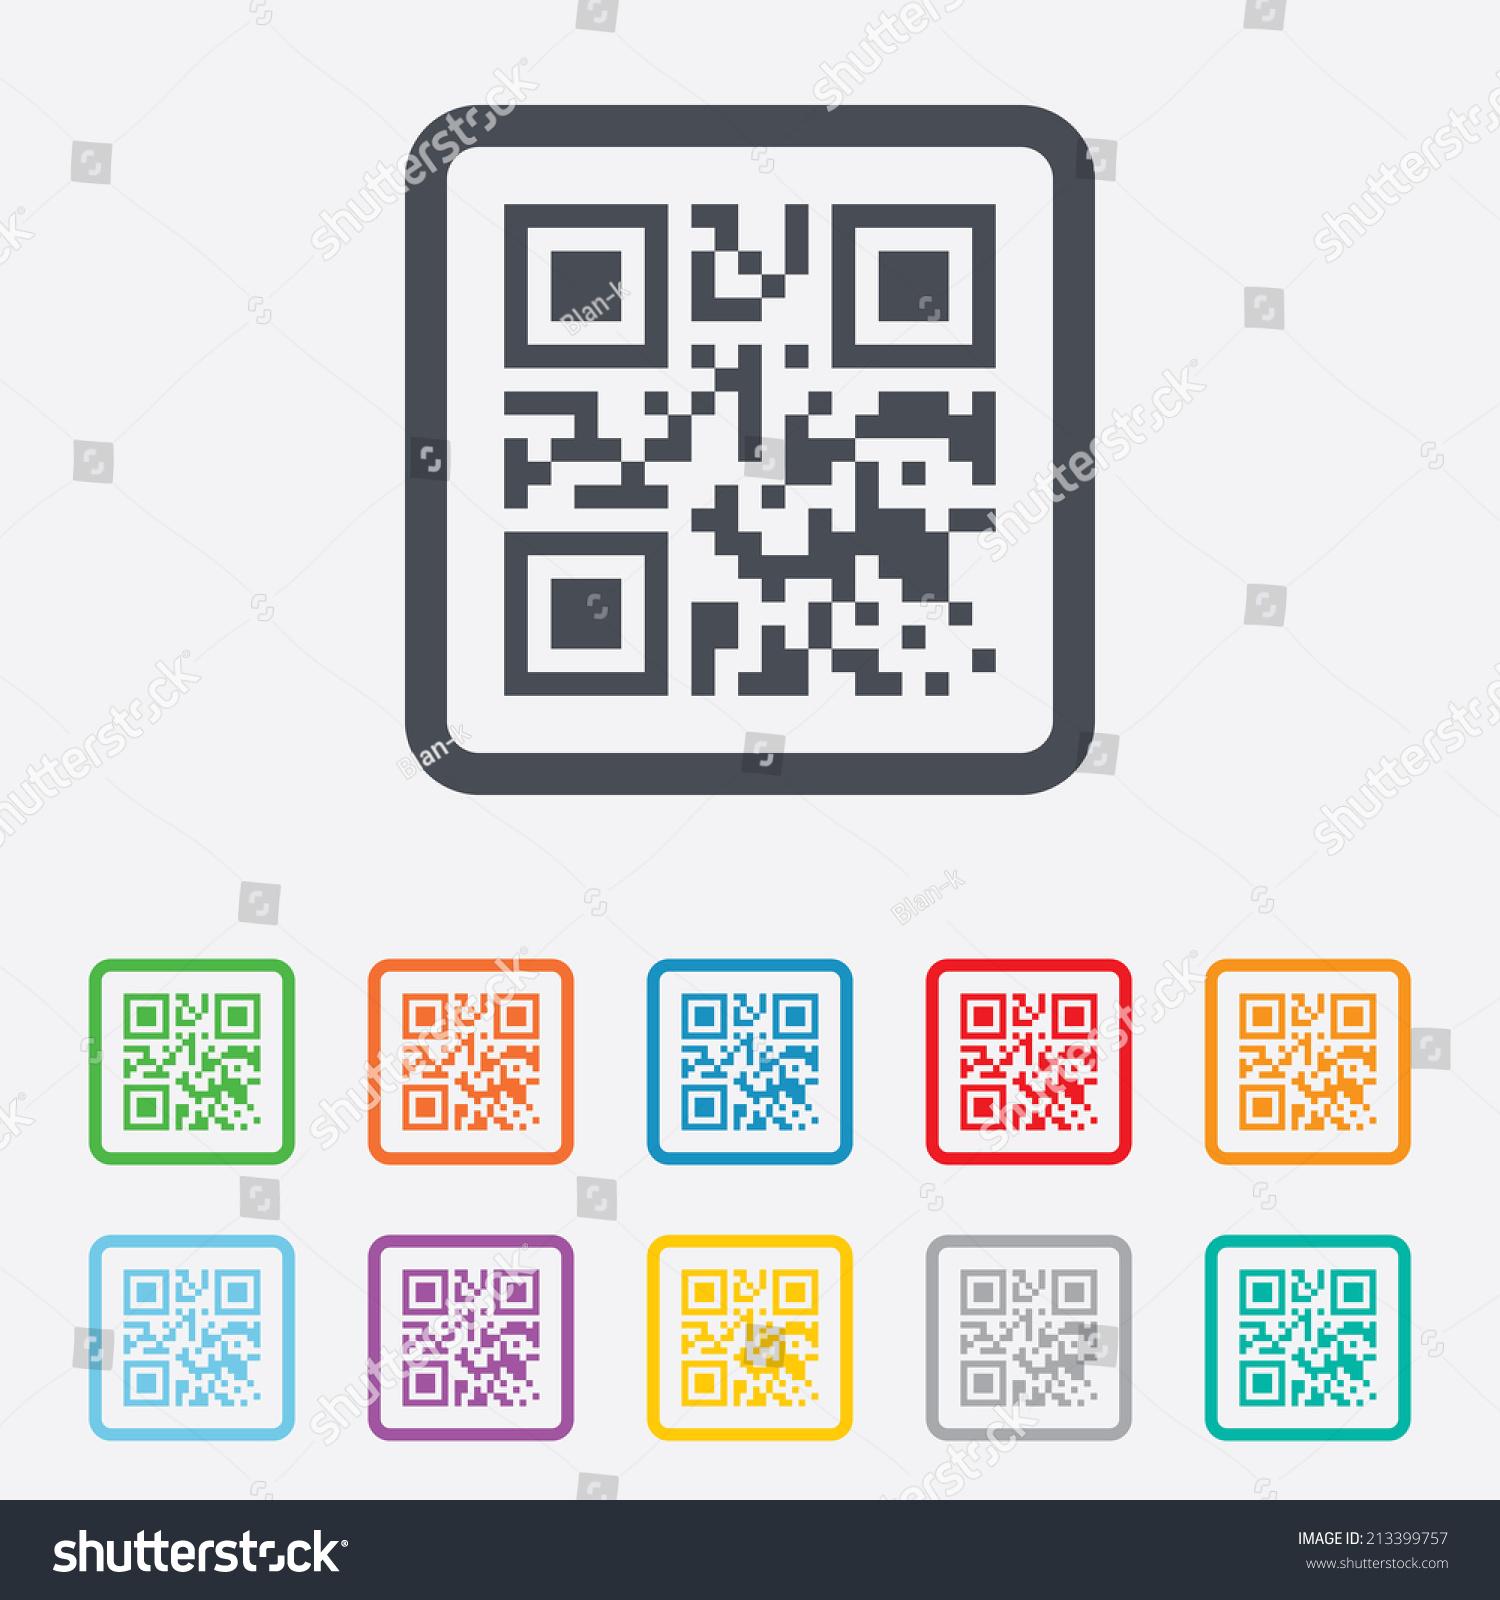 Qr Code Sign Icon Scan Code Vectores En Stock 213399757 - Shutterstock